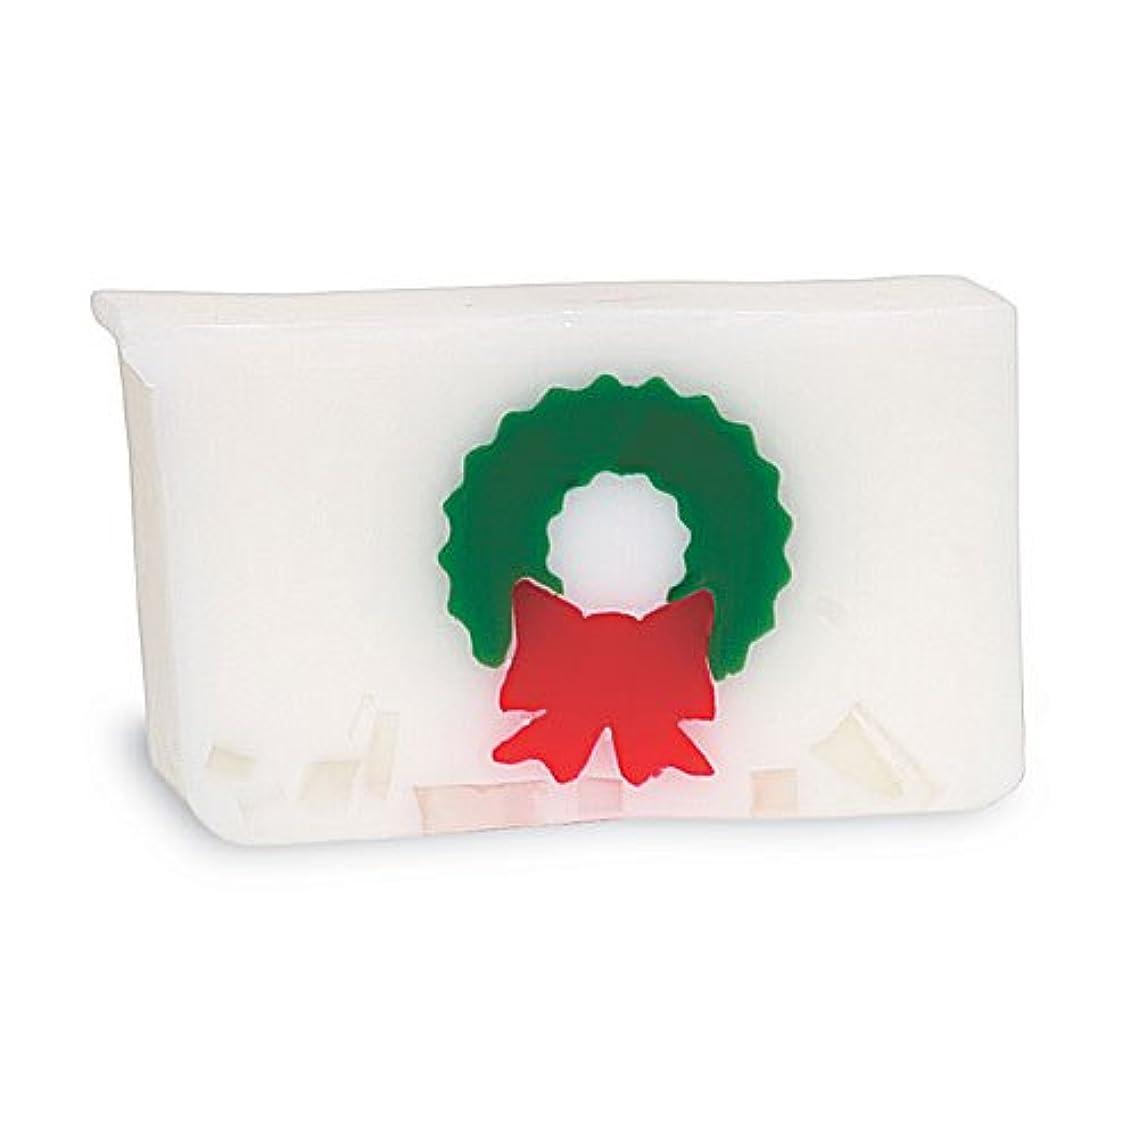 無視できるありふれた広いプライモールエレメンツ アロマティック ソープ クリスマスリース 180g 植物性 ナチュラル 石鹸 無添加